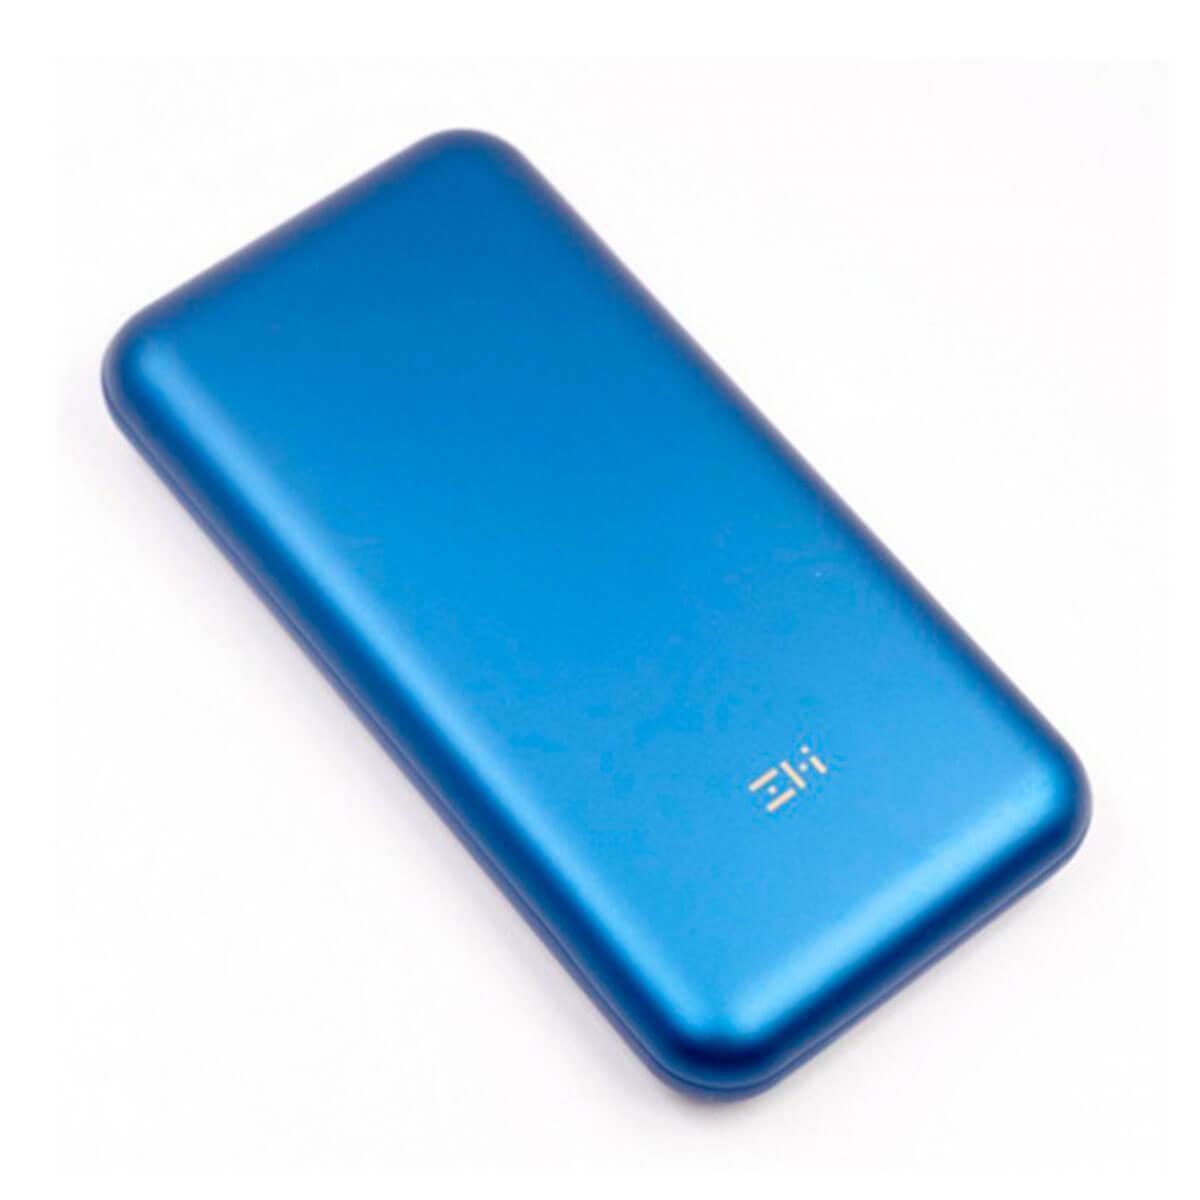 Внешний аккумулятор ZMi Power Bank 10 PRO 20000 mAh 65W Type-C QC 3.0, PD 3.0 Blue (QB823)